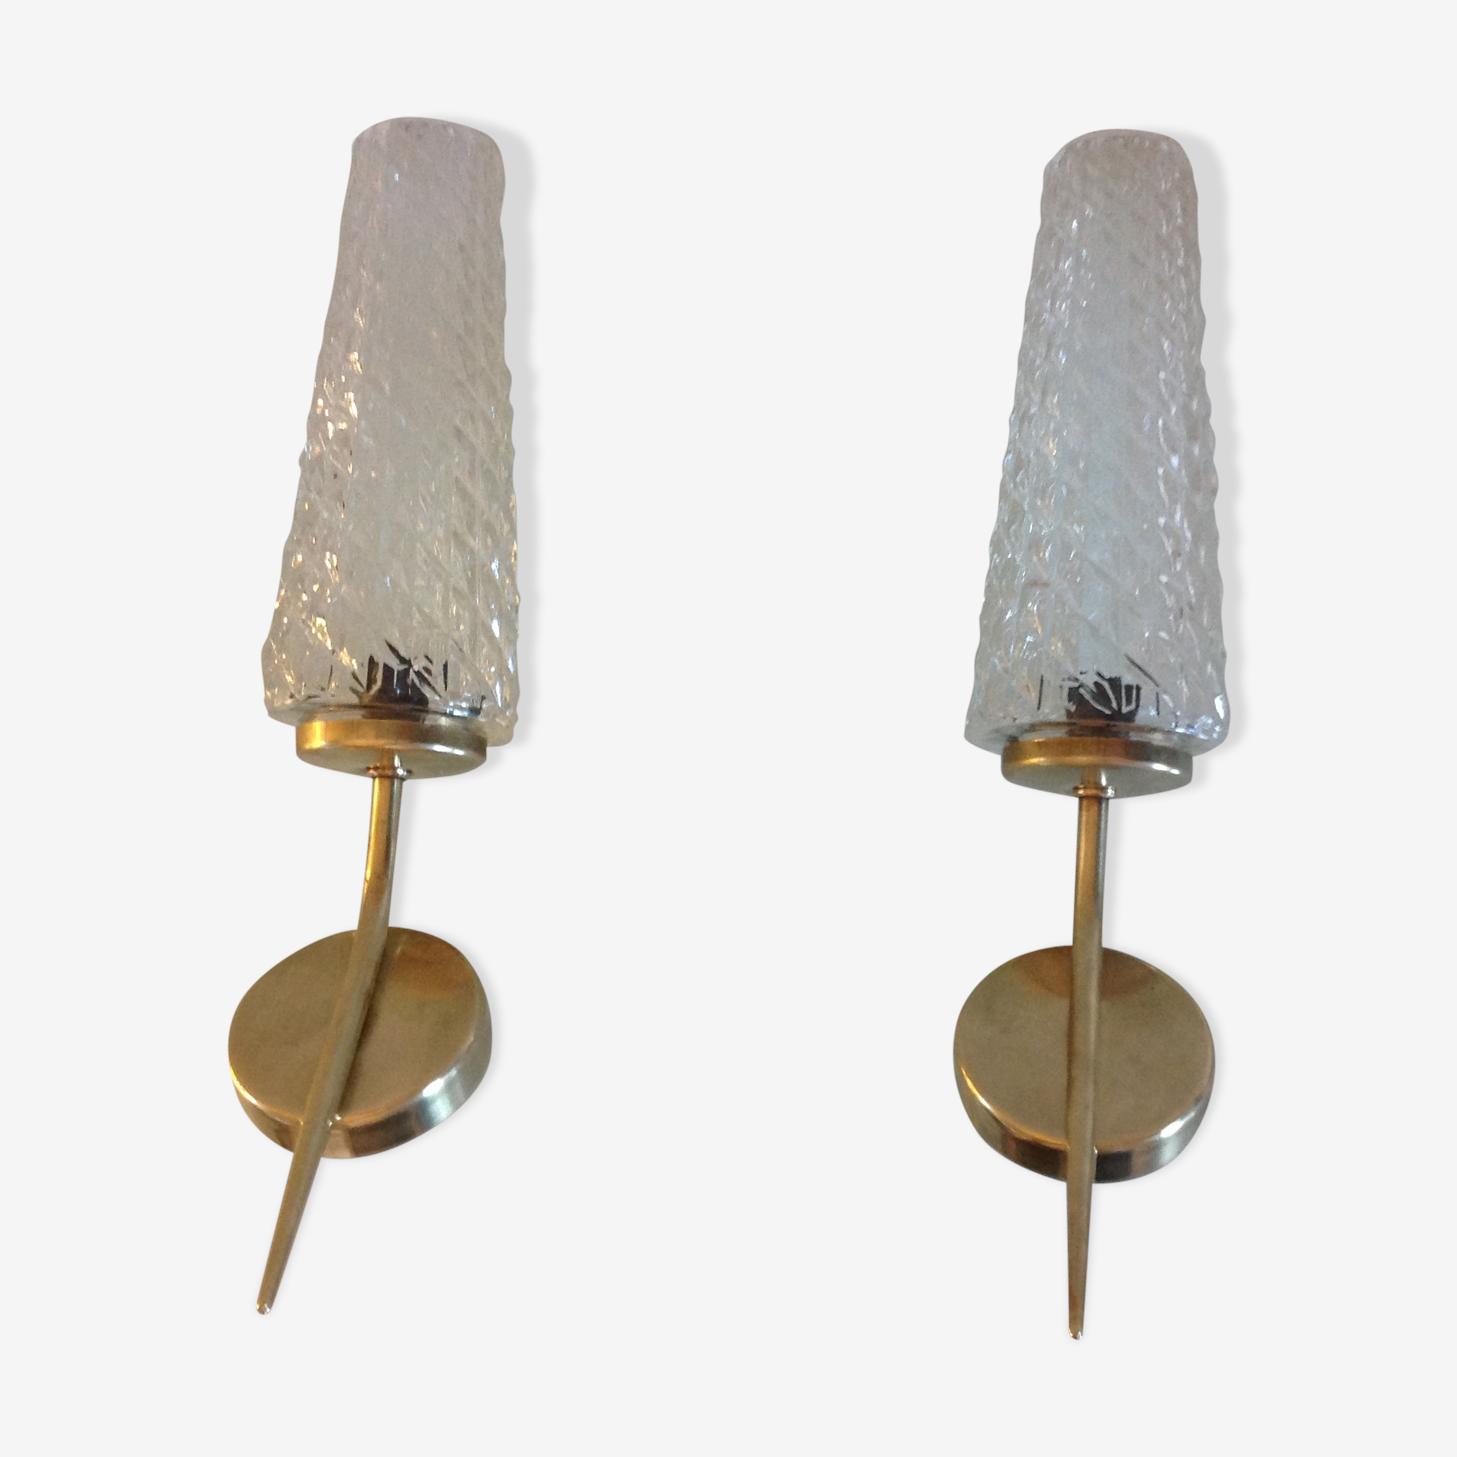 Paire d'appliques en laiton et verres coniques vintage années 60